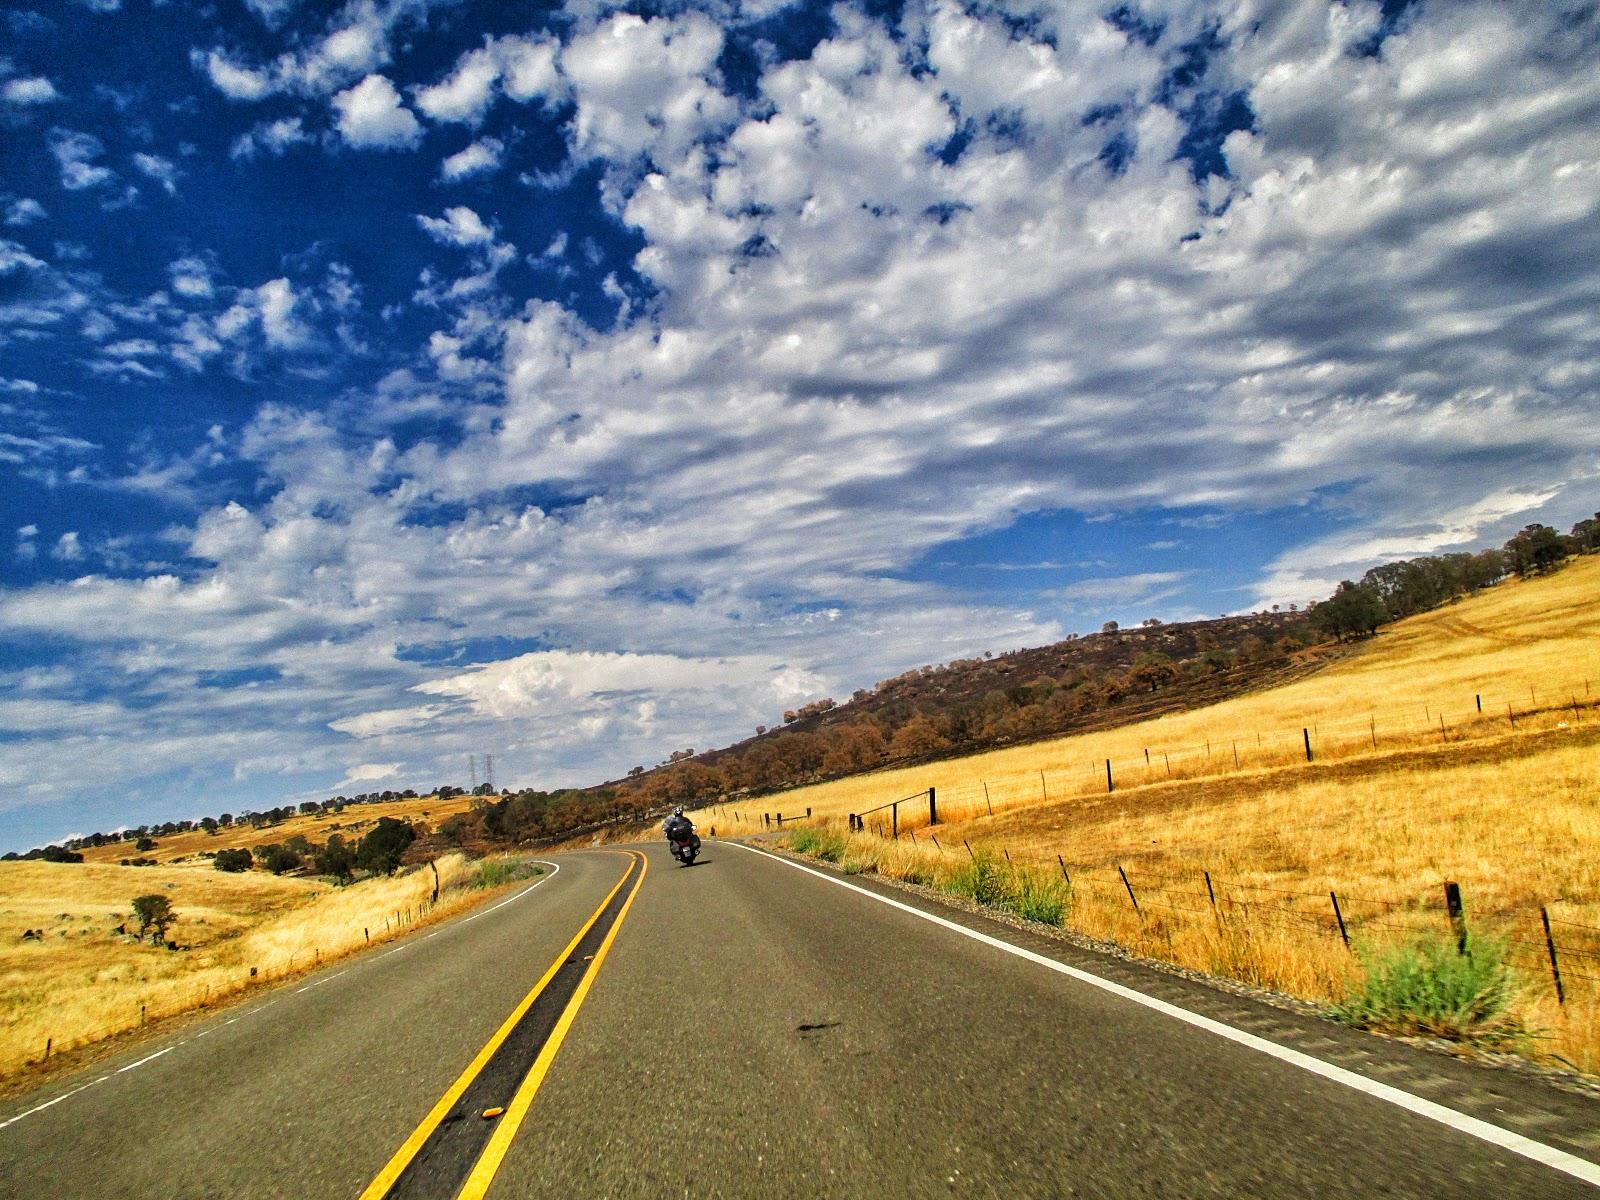 la grange road j59